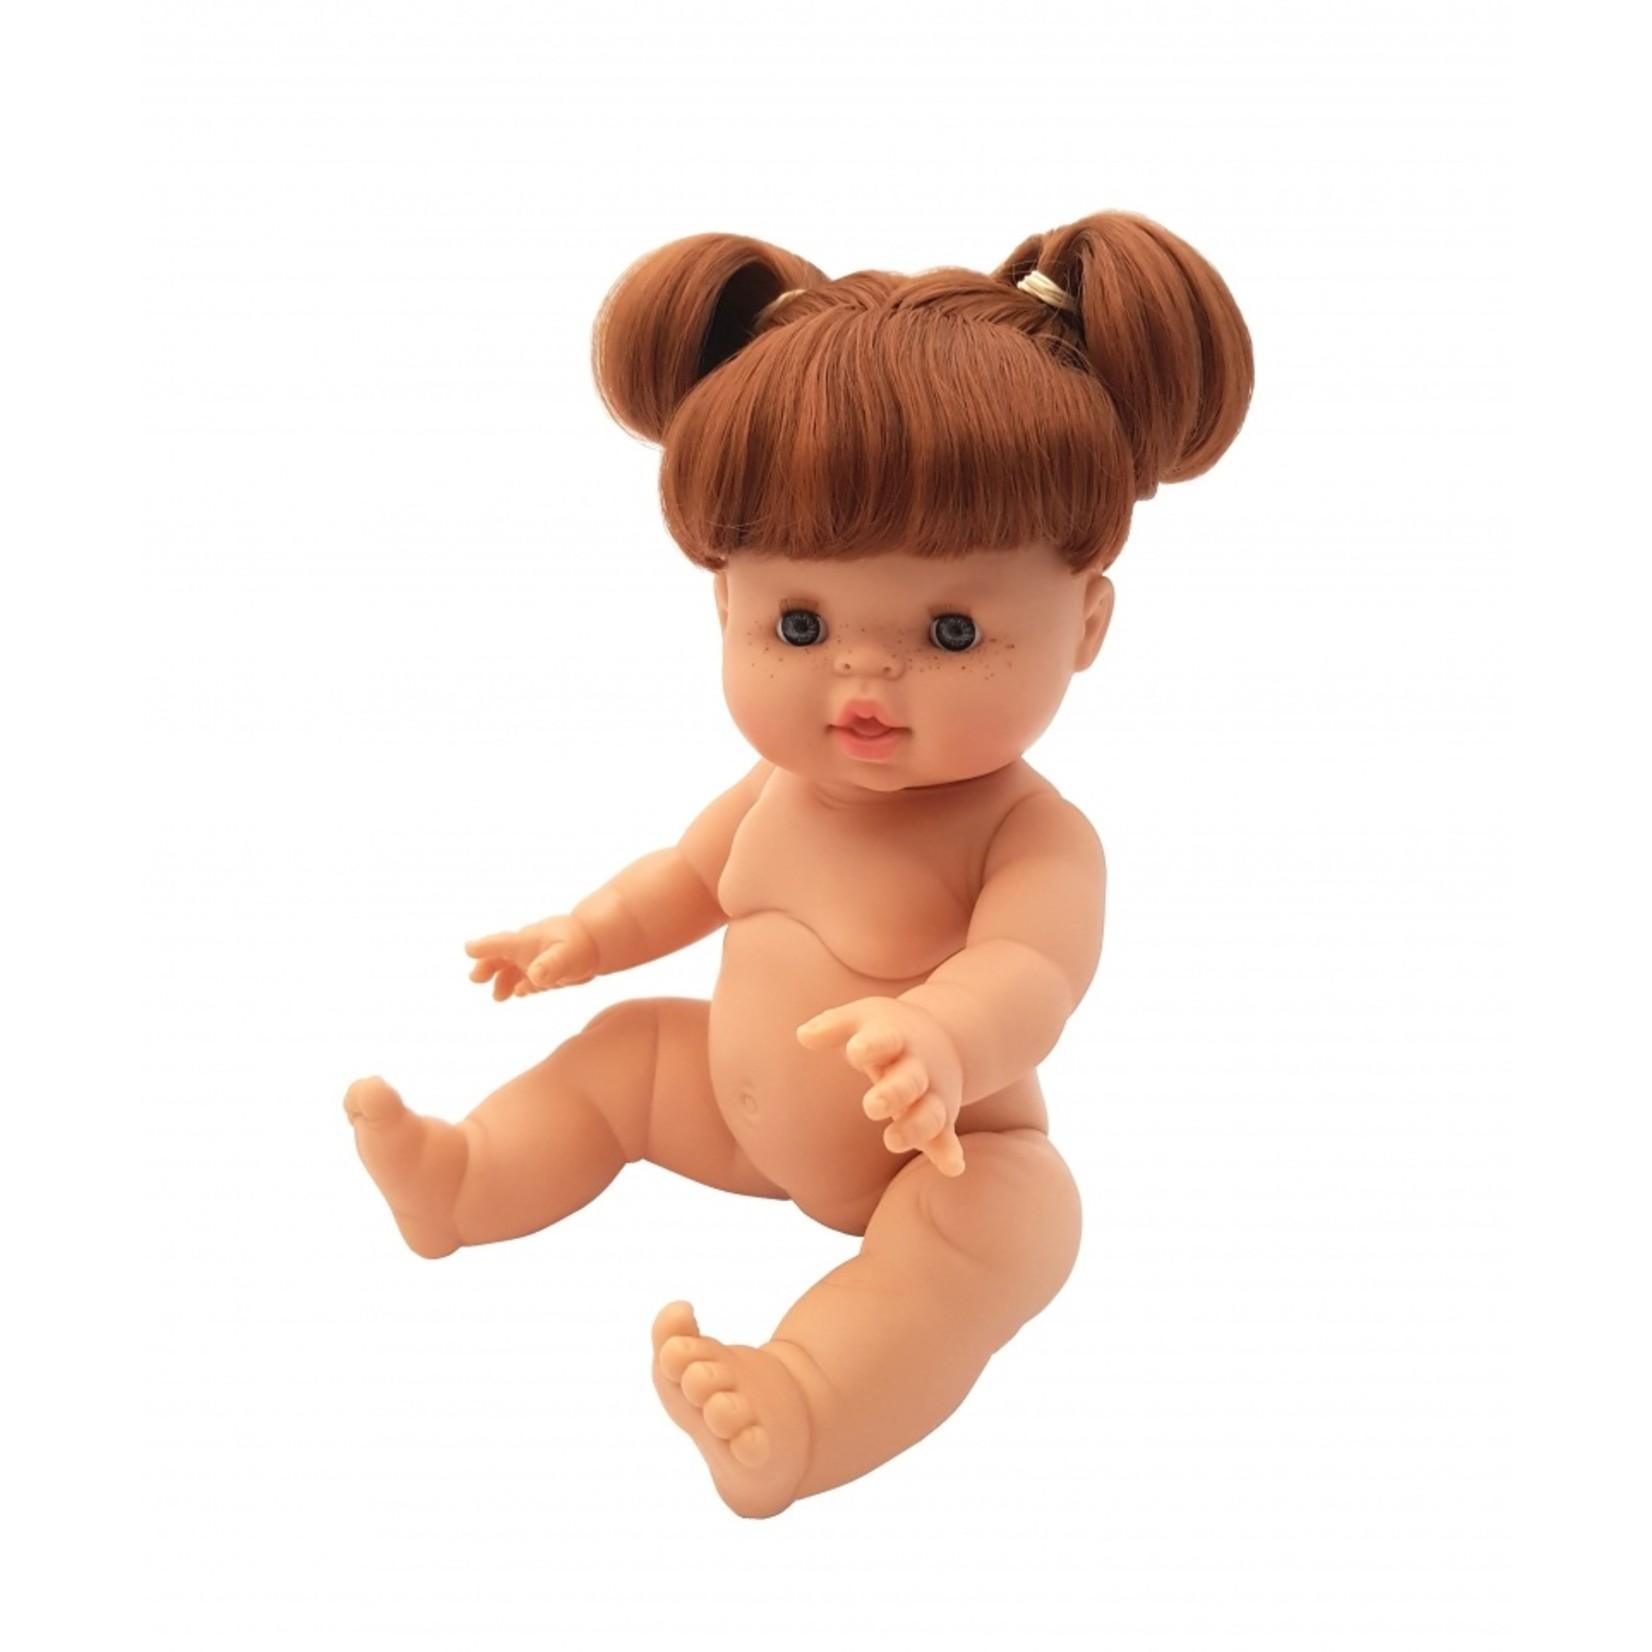 Gordi Babypop Meisje met rood haar